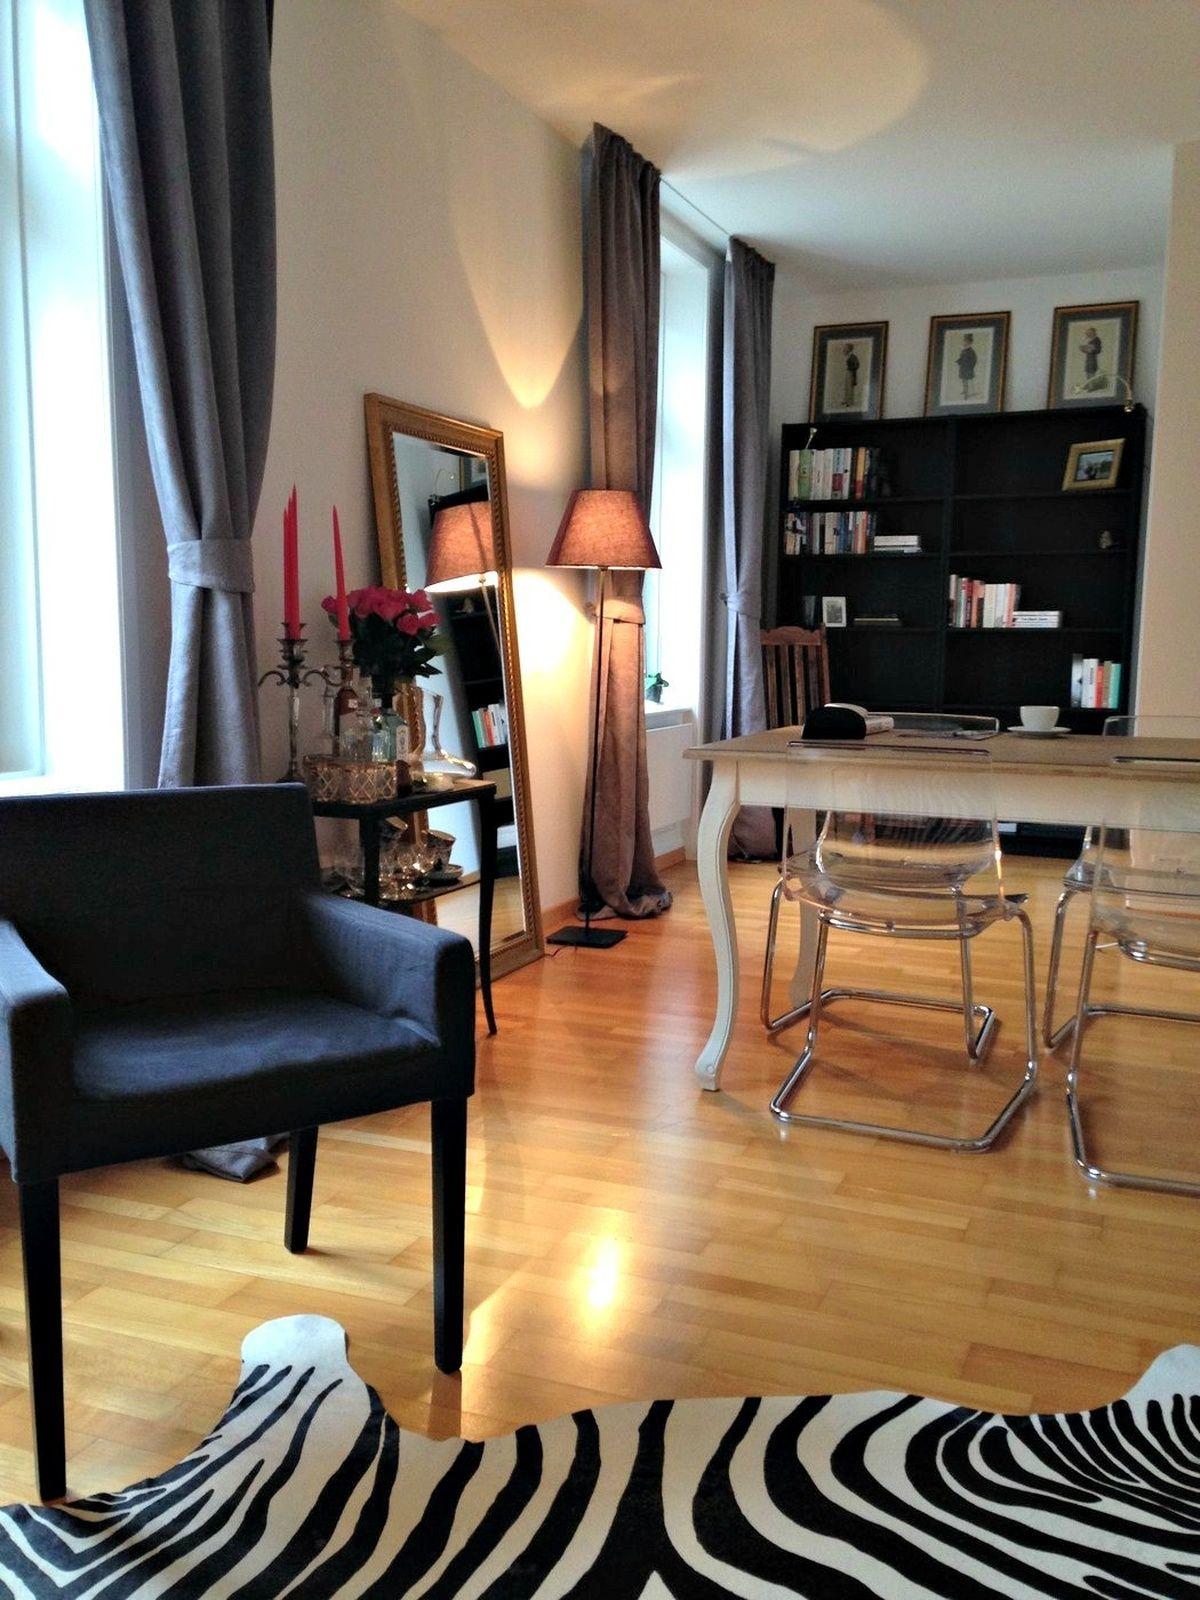 Charmante 2 5 Zimmerwohnung In Zurich Wohnung Wohnung Mieten